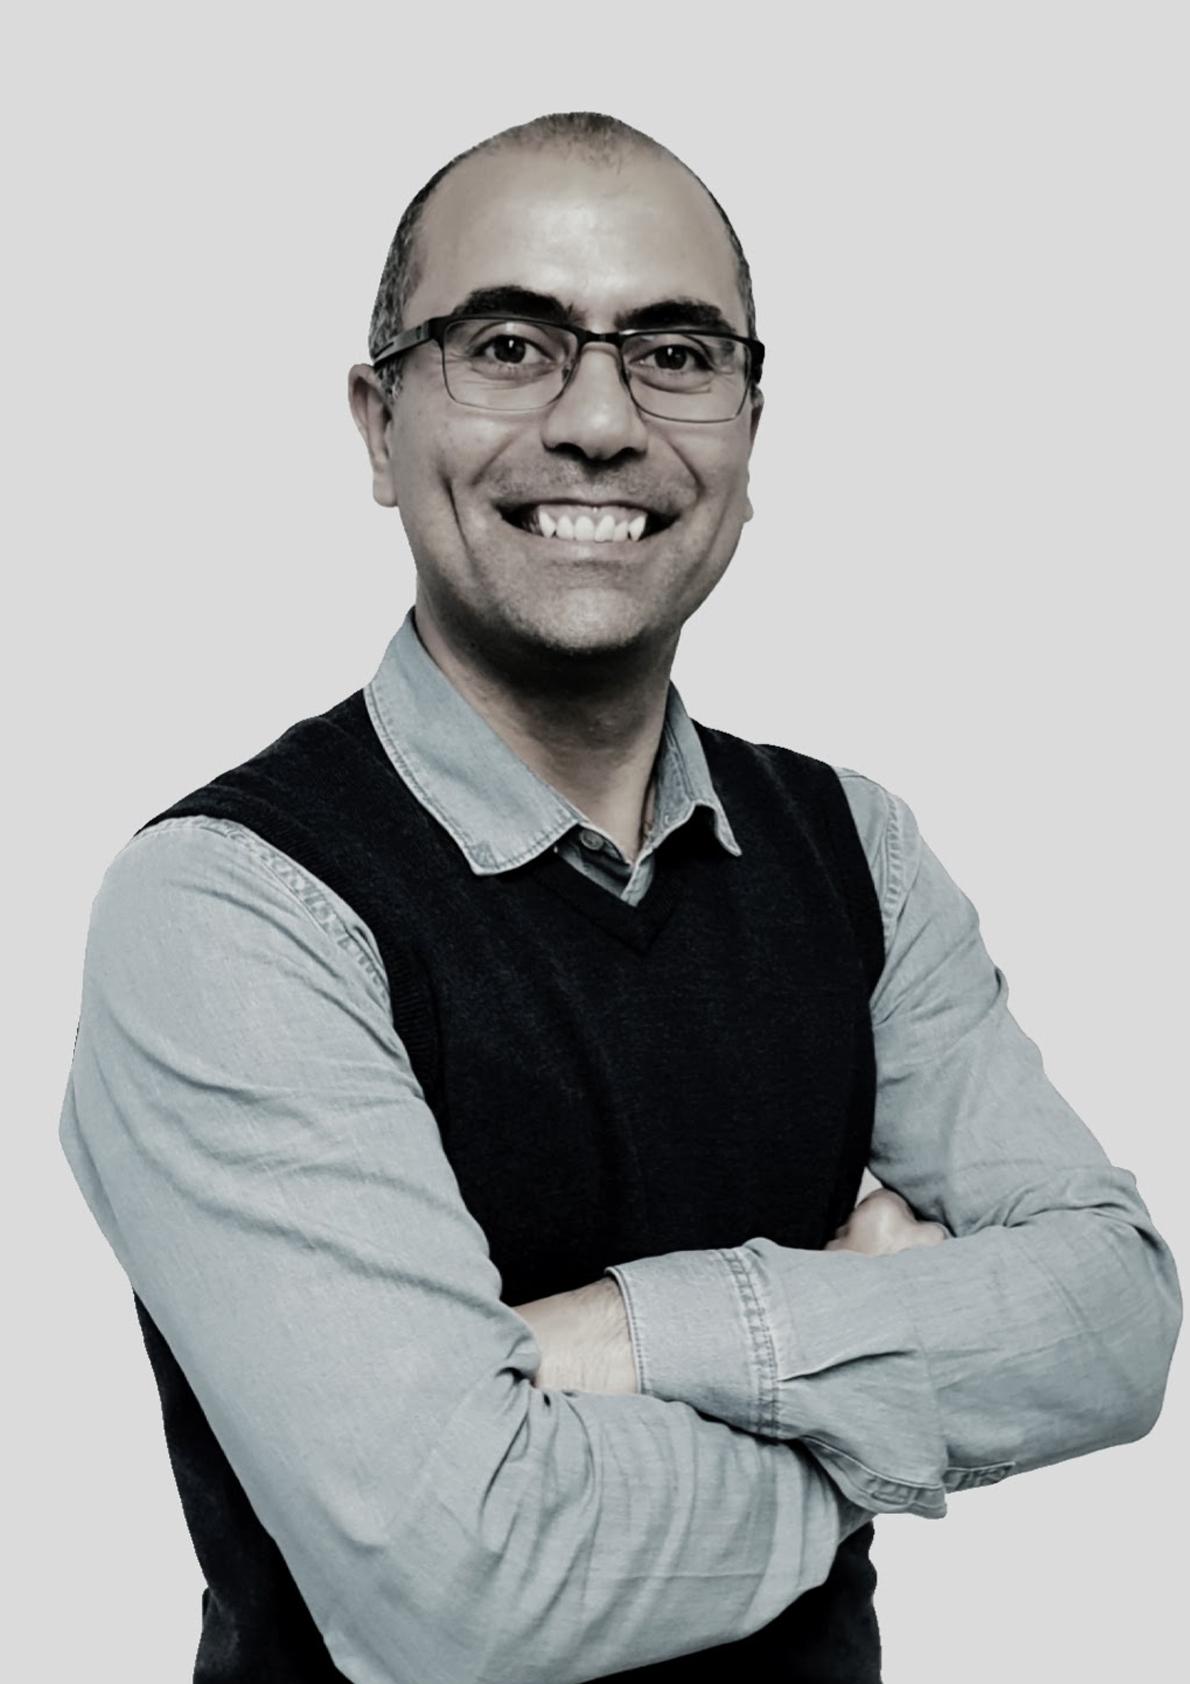 Alberto Minchella